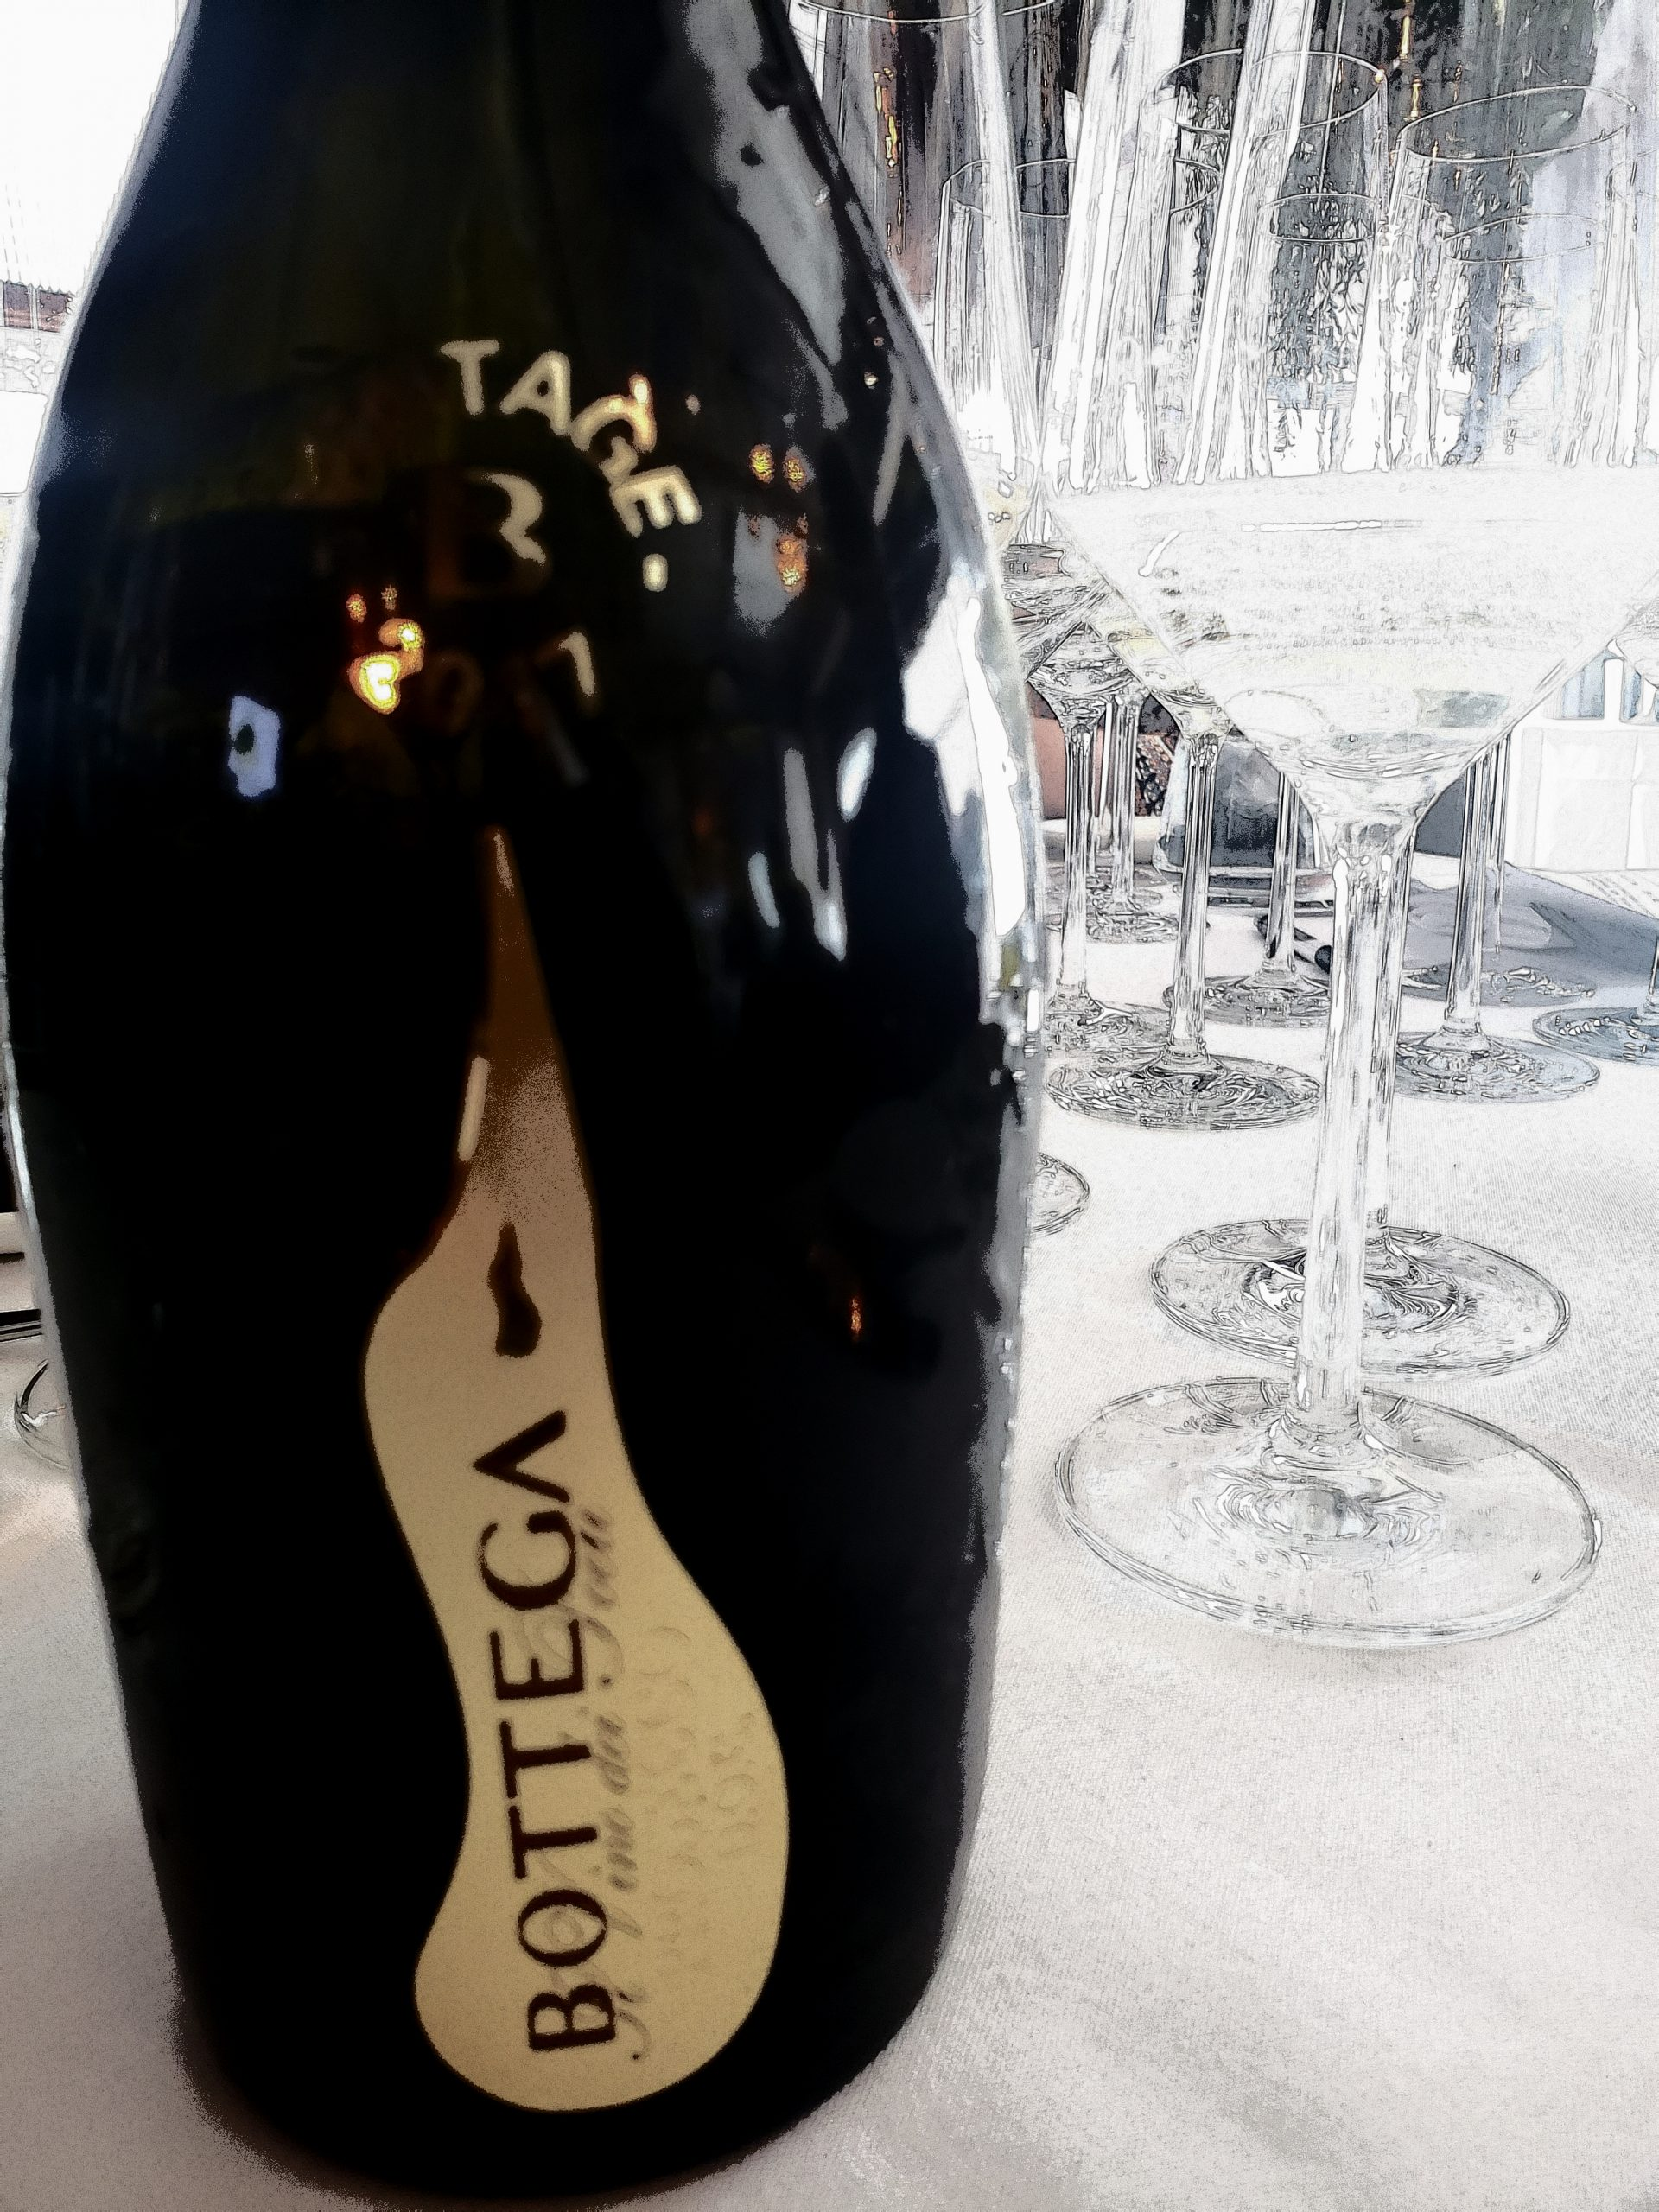 Tasting with Bottega SpA in NYC